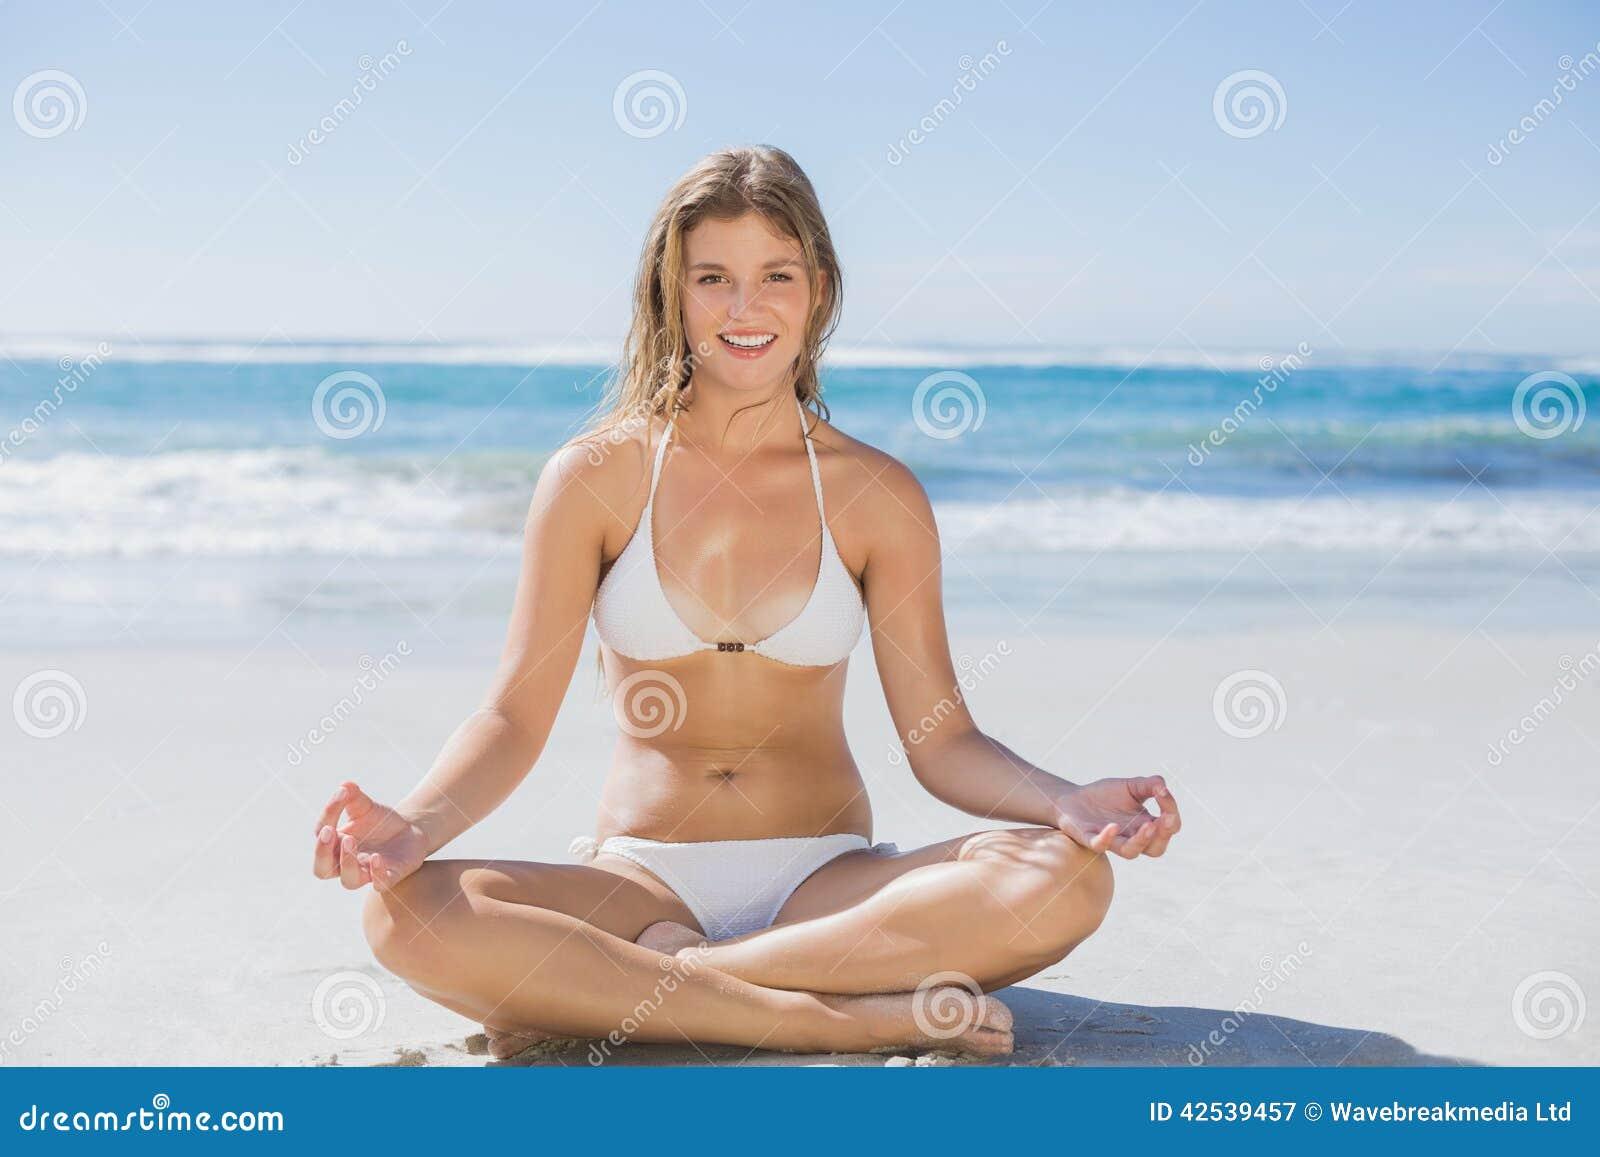 Bikini Sitting 65